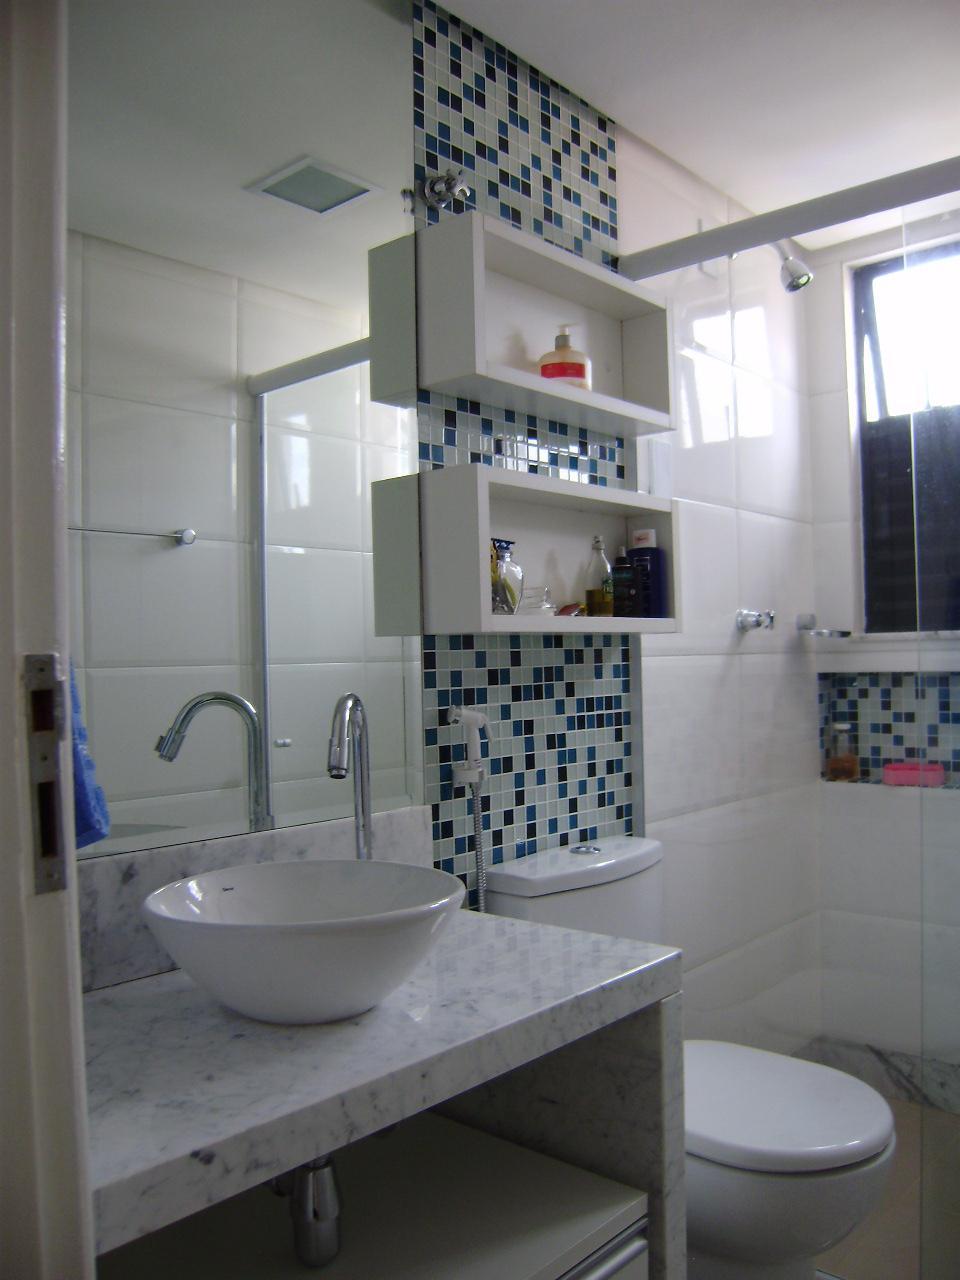 Dicas de banheiros decorados com pastilhas  Decorando Casas -> Banheiros Decorados Com Pastilhas Roxas